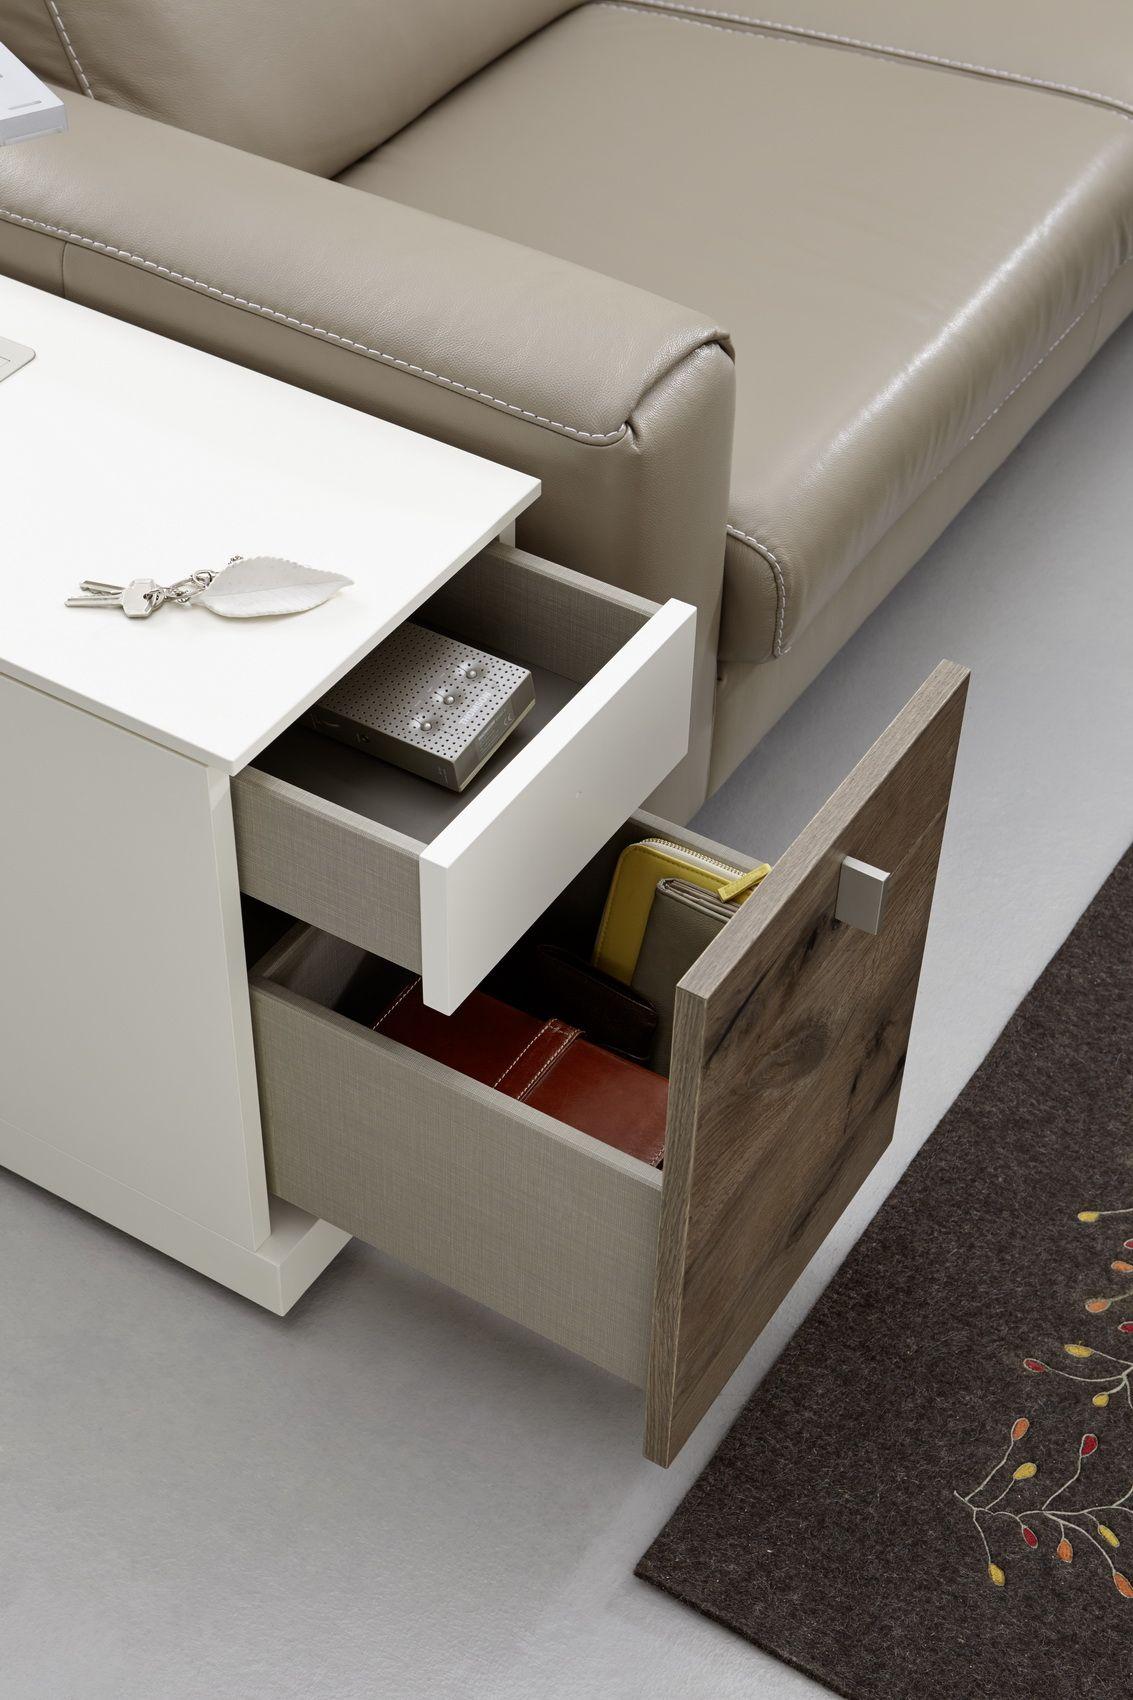 möbel madeingermany furniture gwinner wohndesign design wohnen einrichten